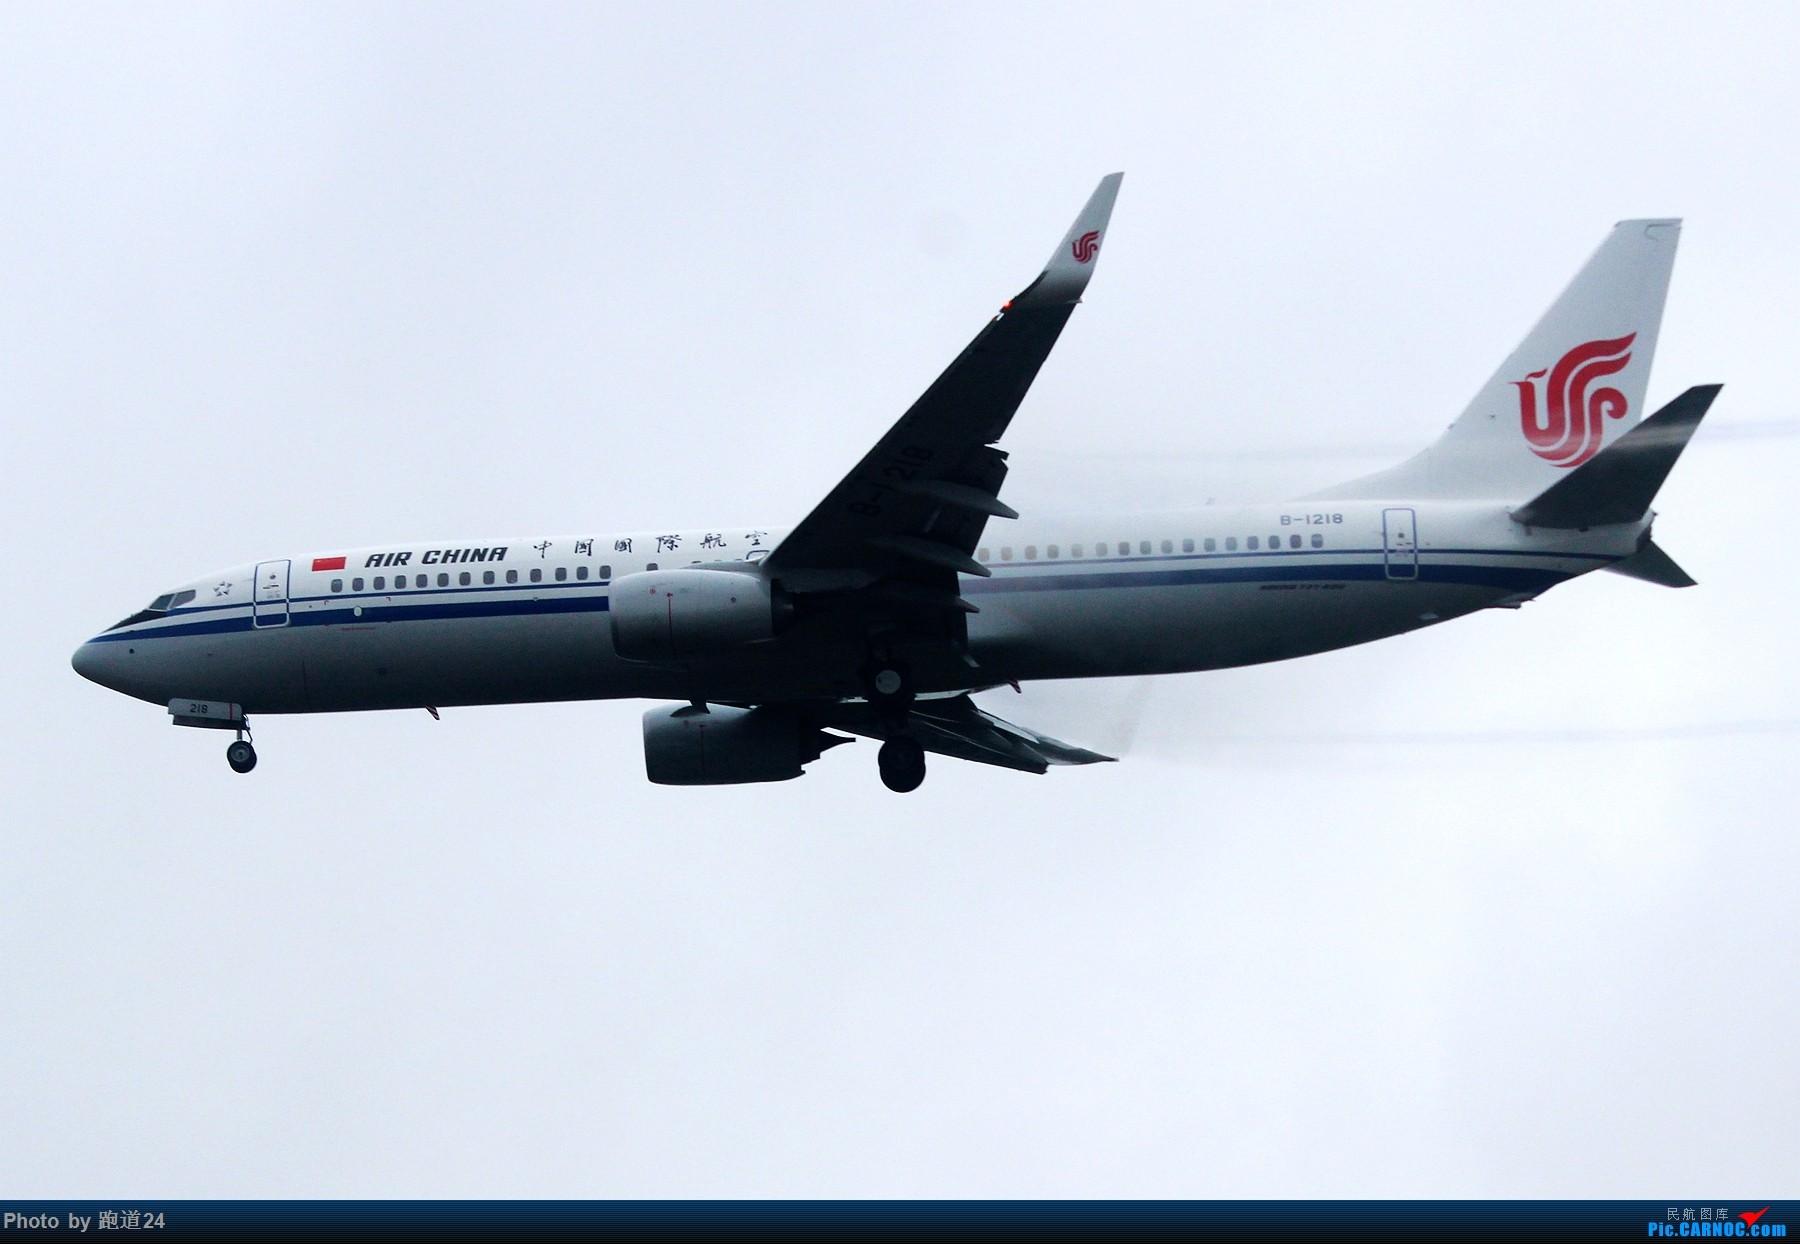 Re:[原创][多图党]雨天CTU拍机 1800*1200 BOEING 737-800 B-1218 中国成都双流国际机场